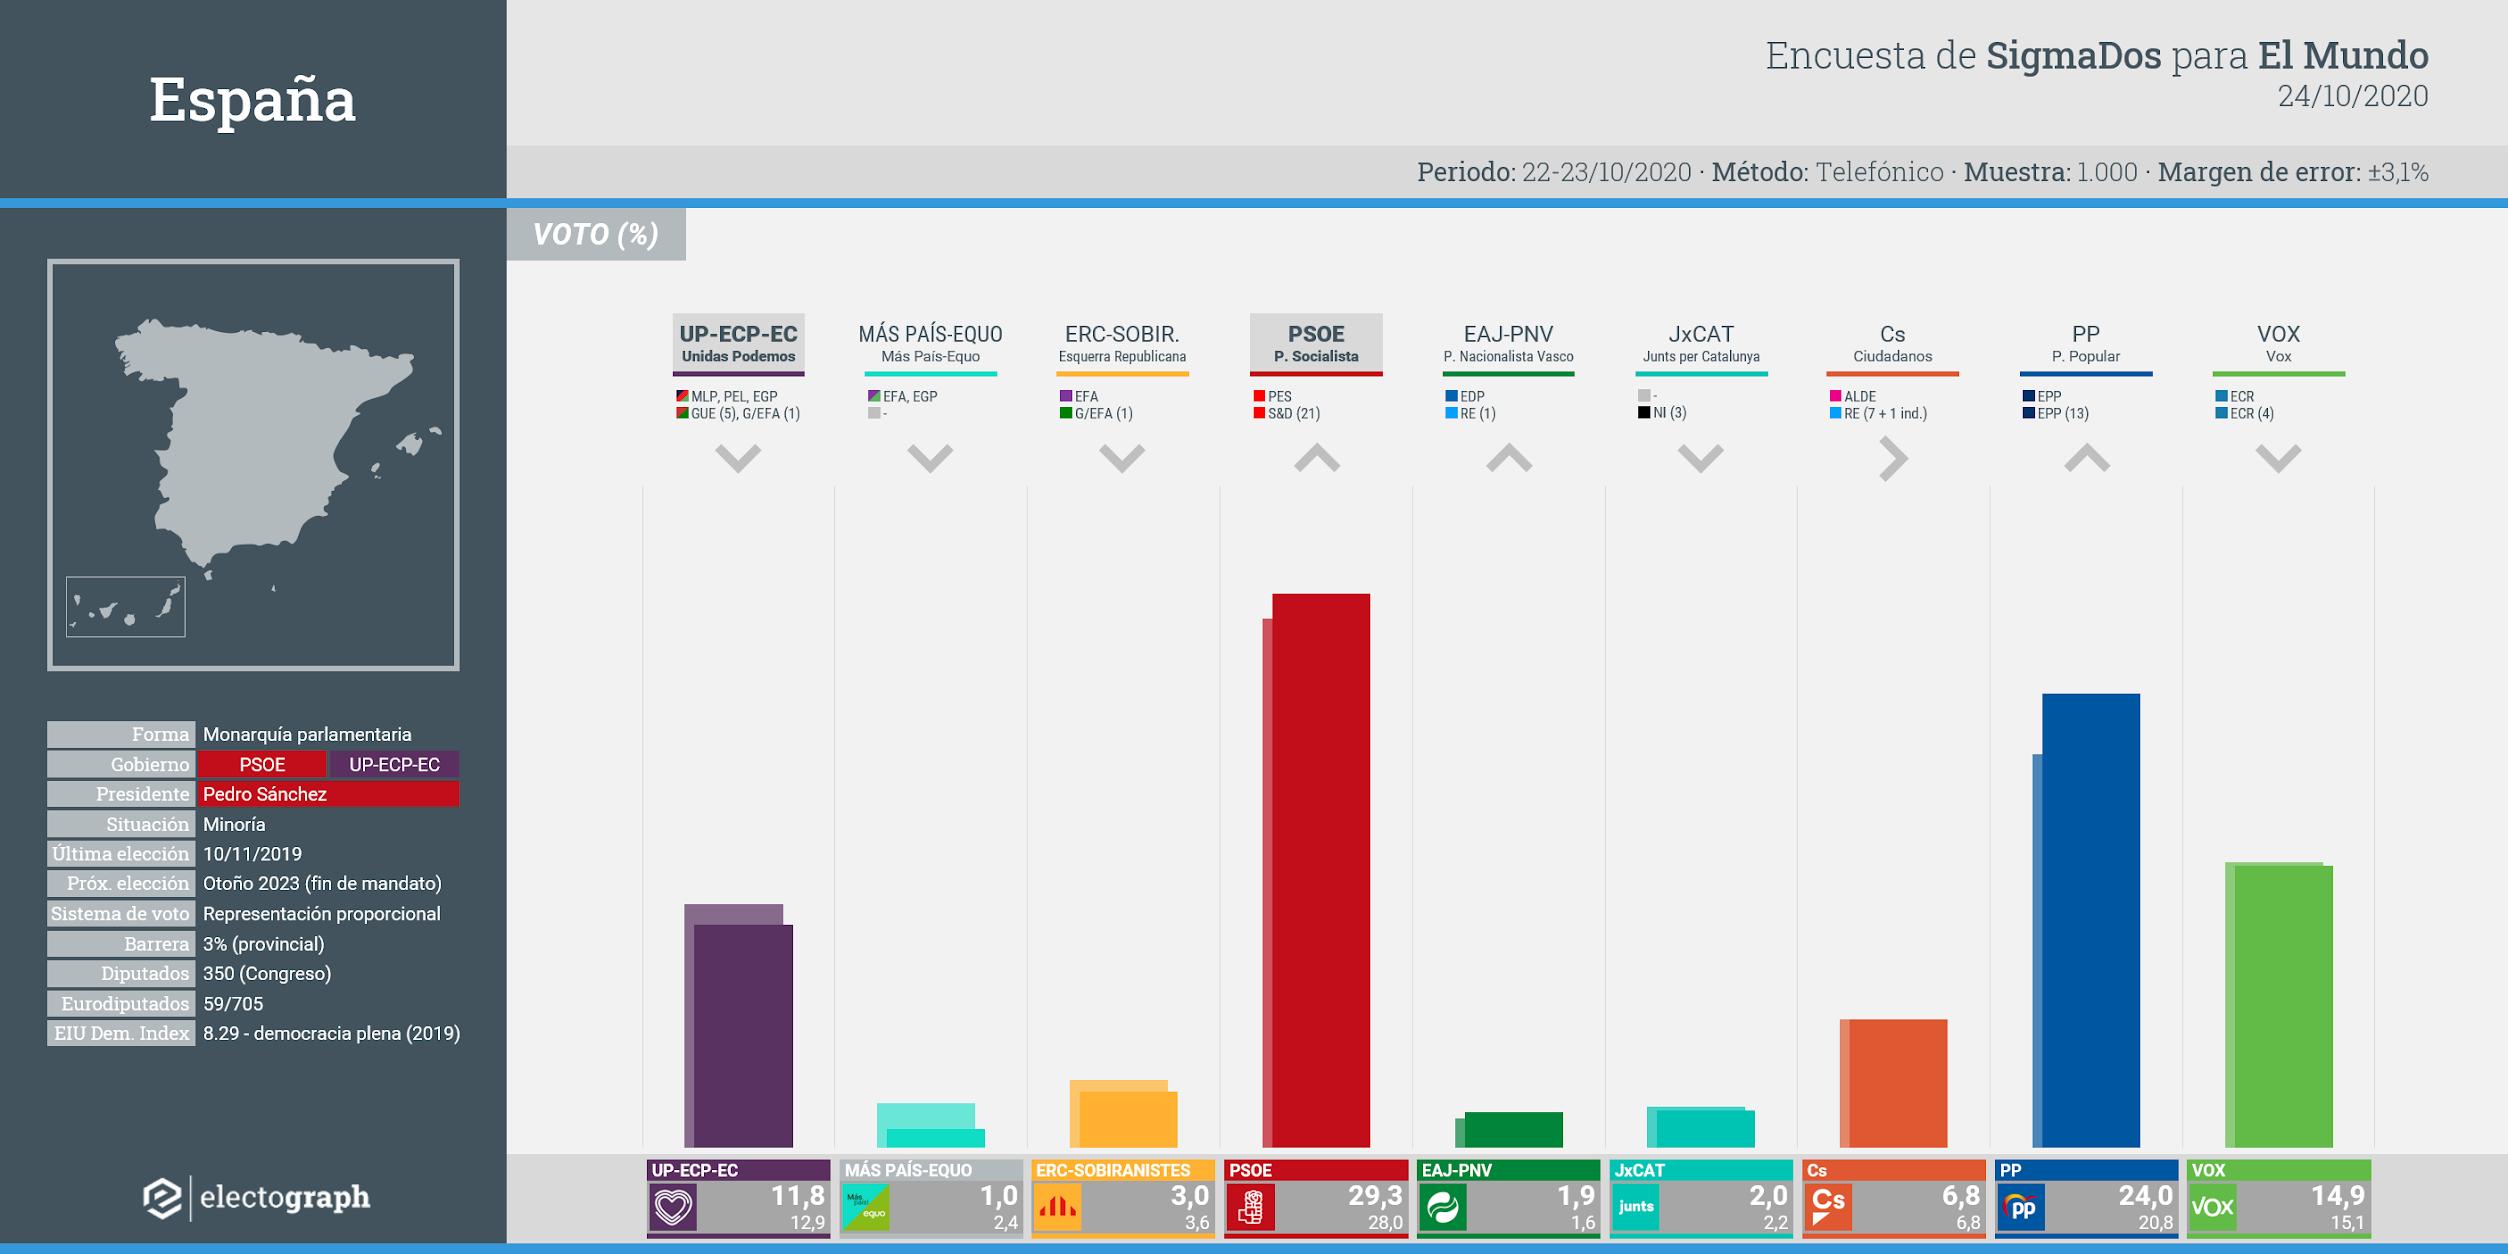 Gráfico de la encuesta para elecciones generales en España realizada por SigmaDos para El Mundo, 24 de octubre de 2020